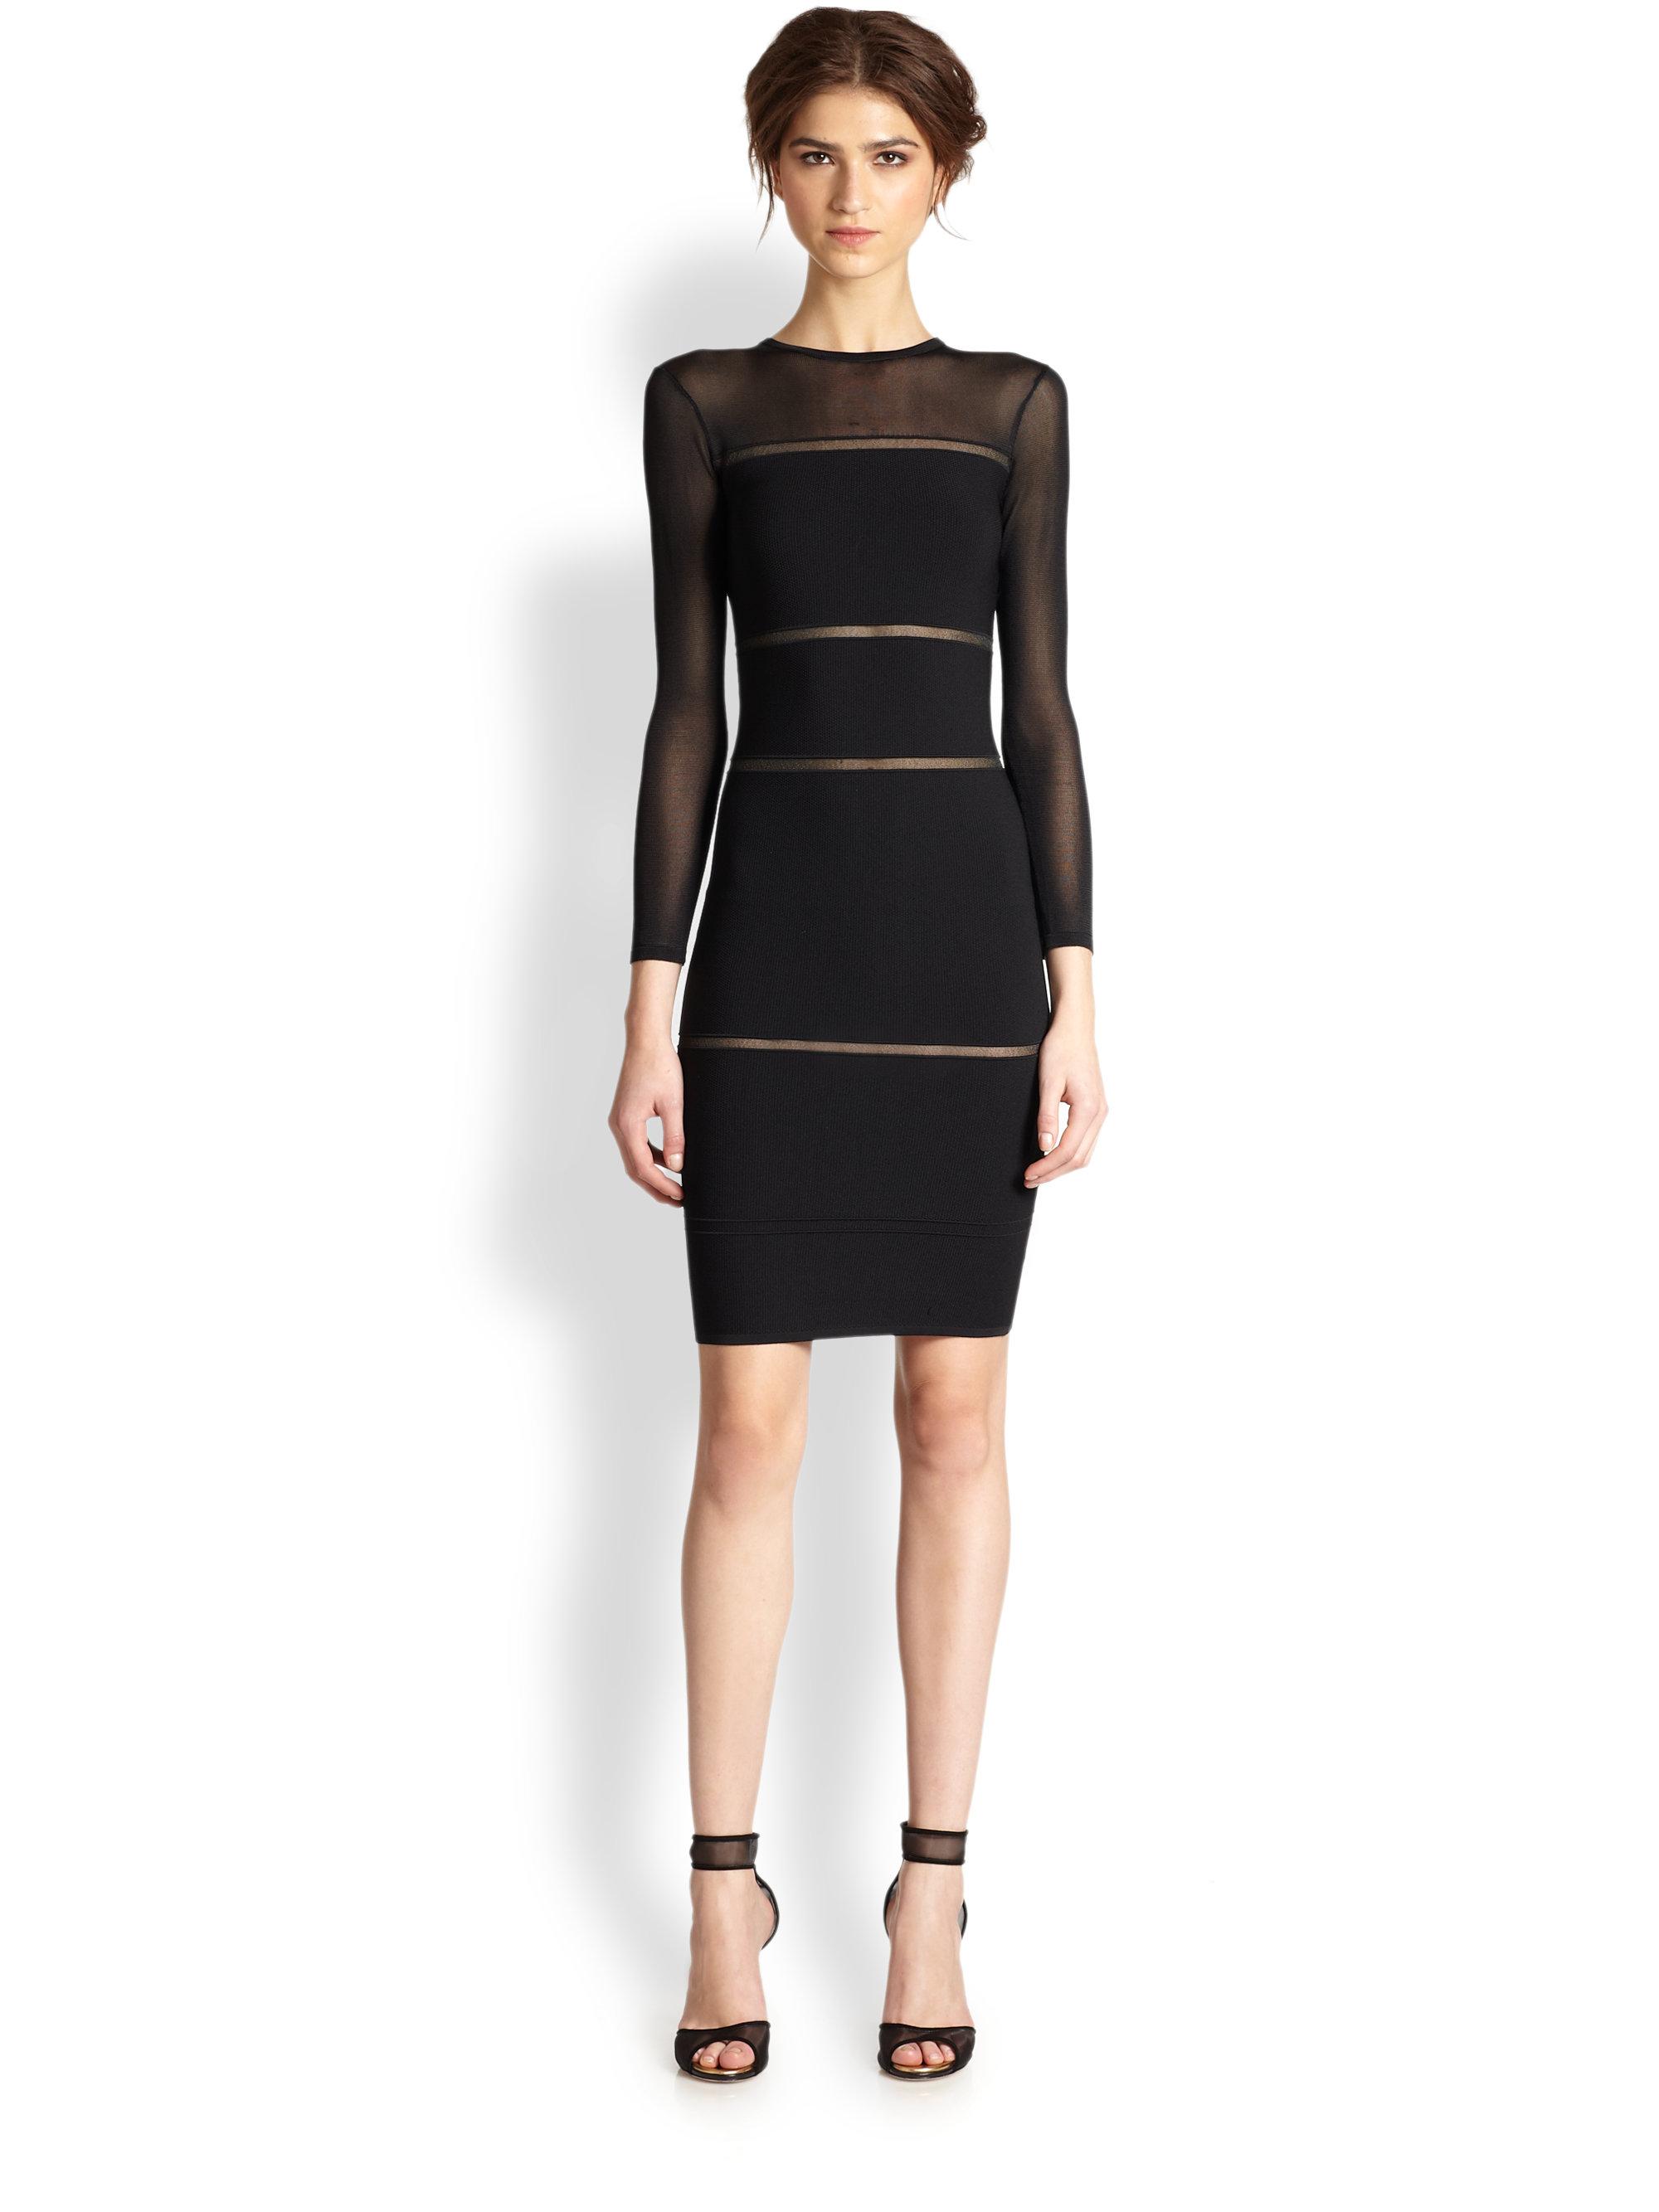 Nicole miller Mesh Insert Bandage Dress in Black | Lyst